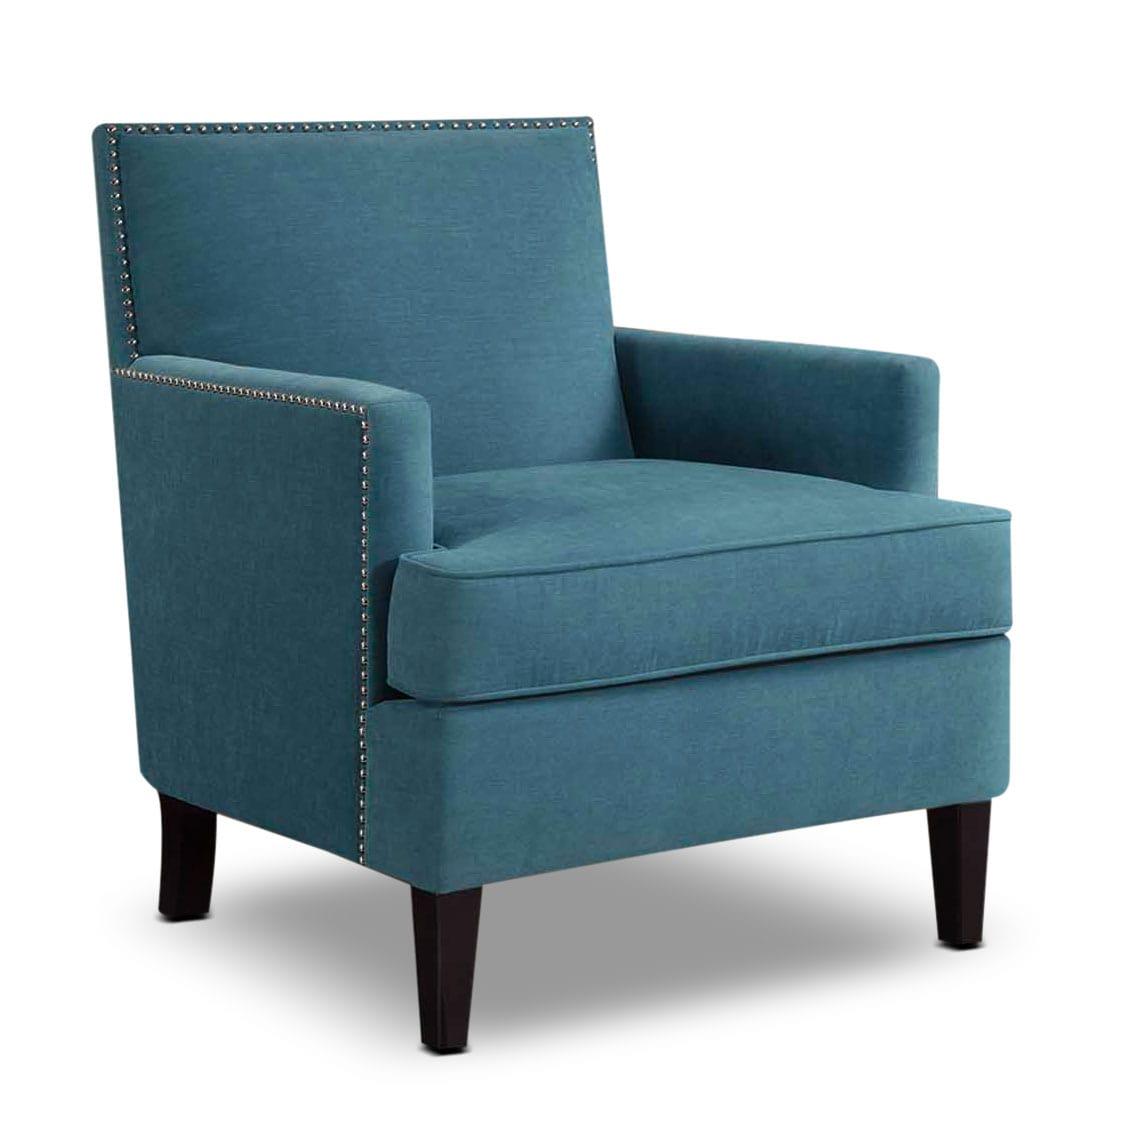 Astrid accent chair blue